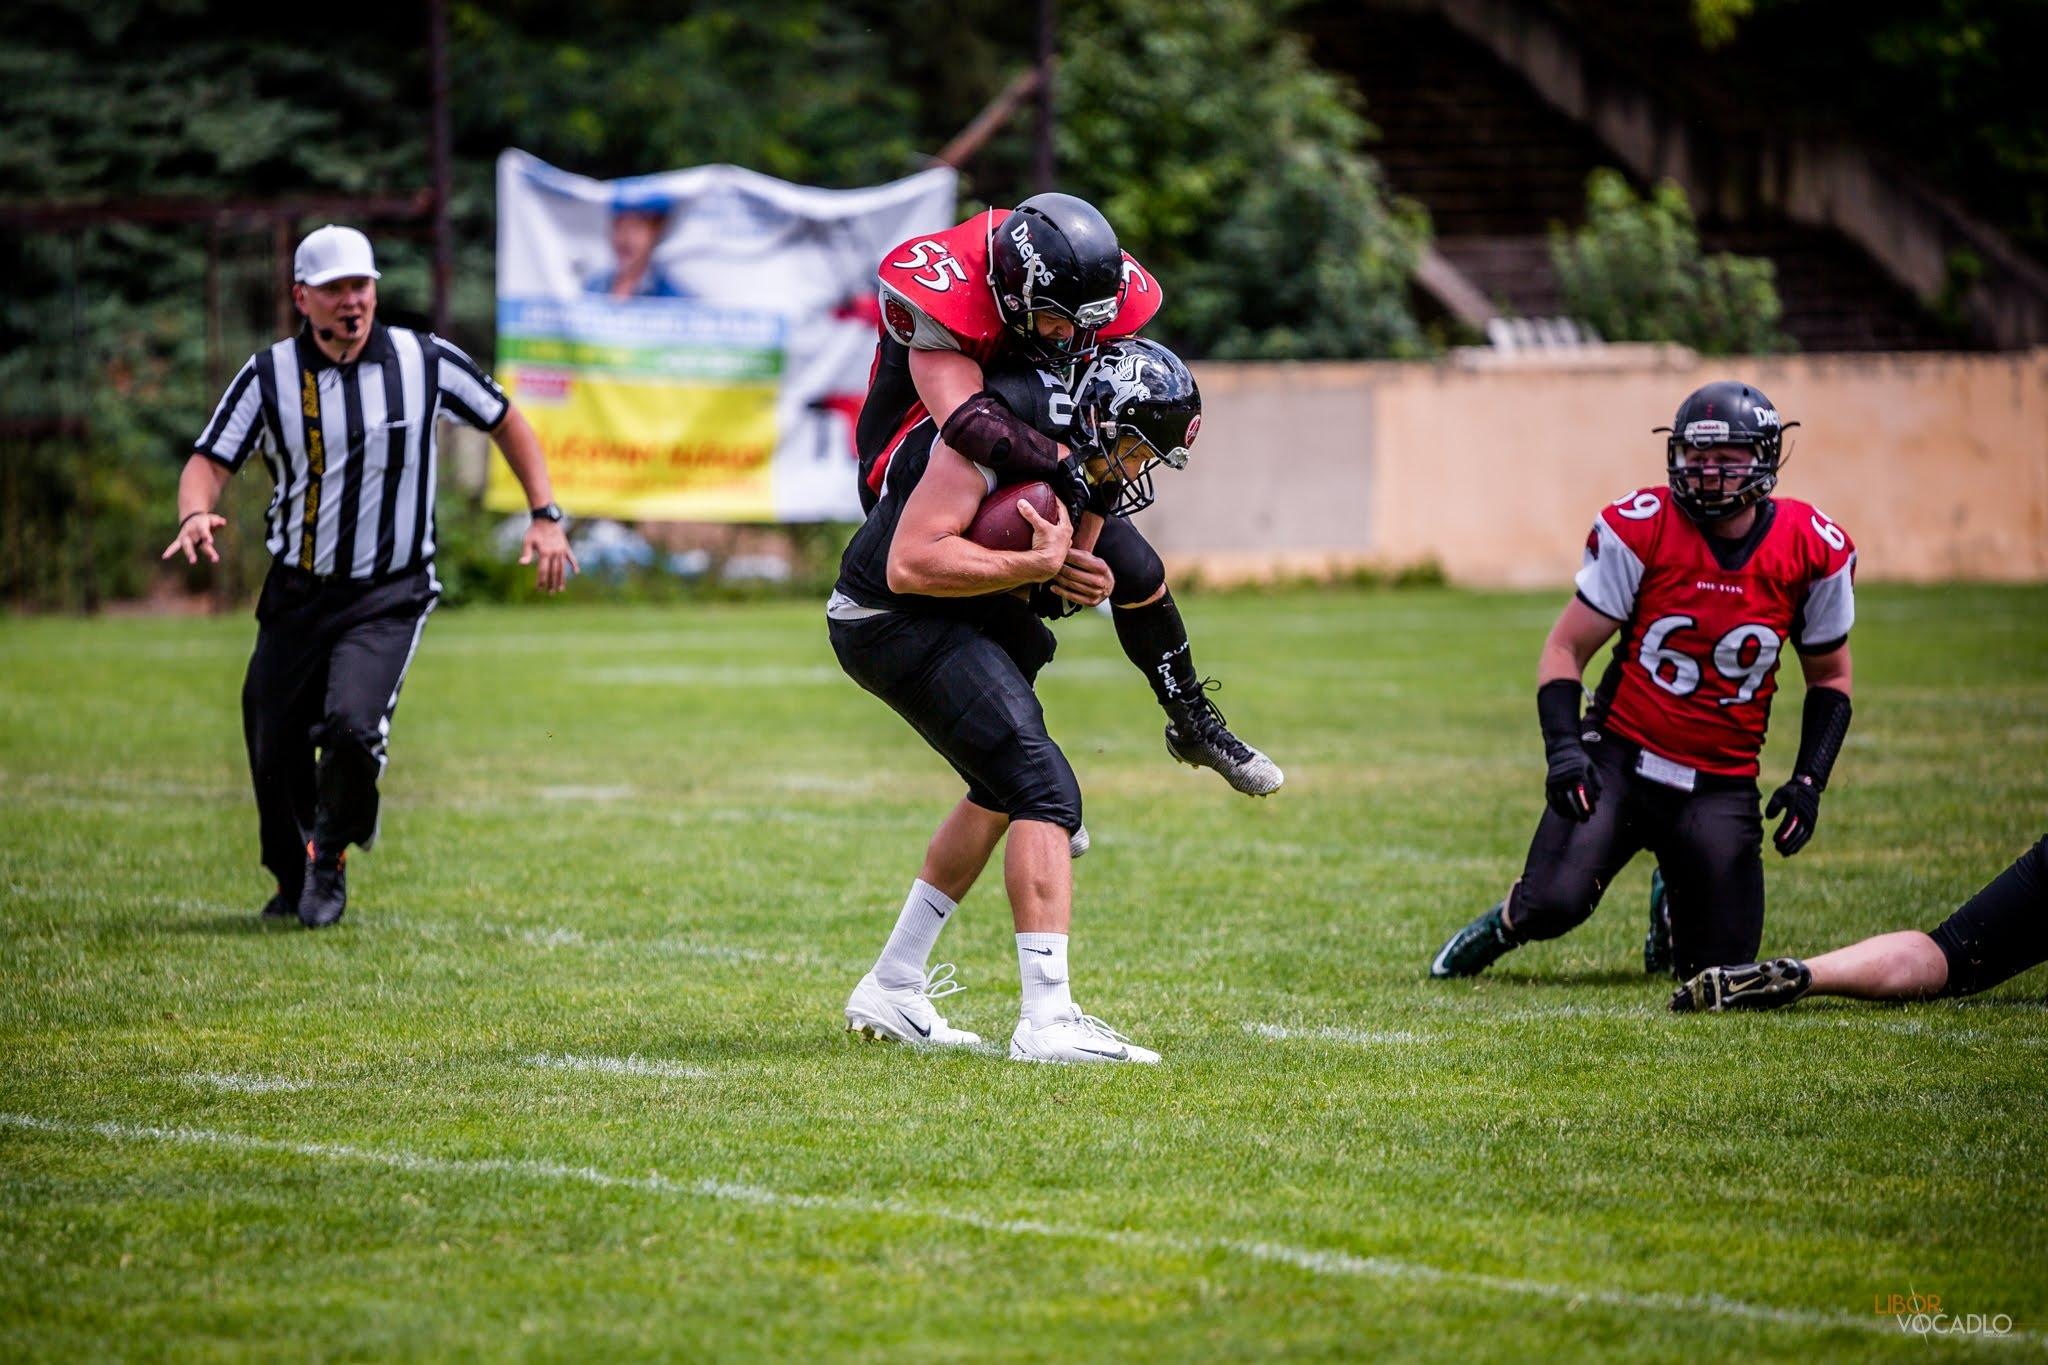 Americký fotbal - fotoreportáž foto: L. Vočadlo Photography